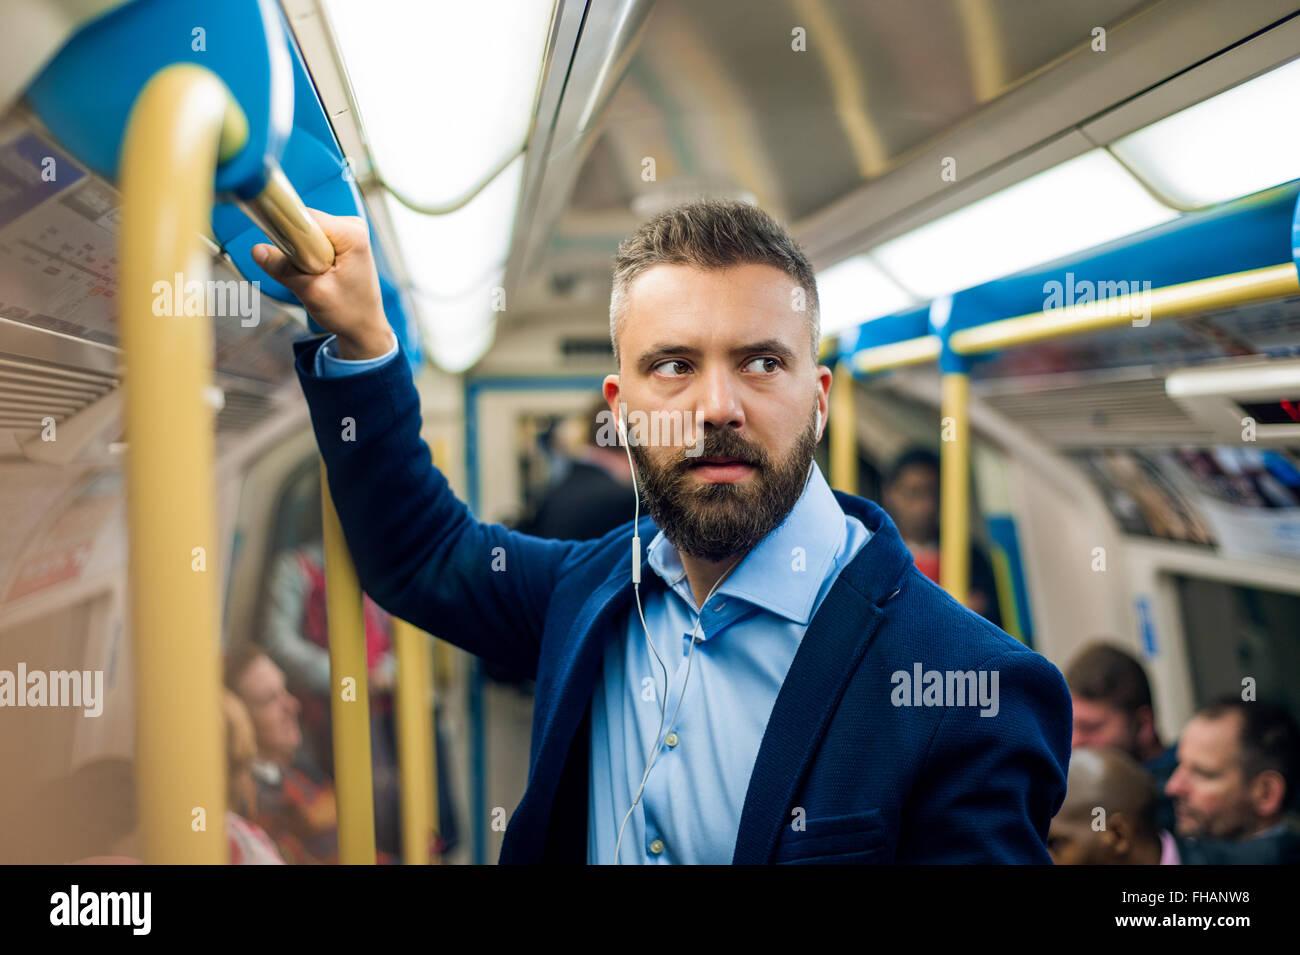 Homme sérieux pour se rendre au travail. L'intérieur permanent undergro Photo Stock